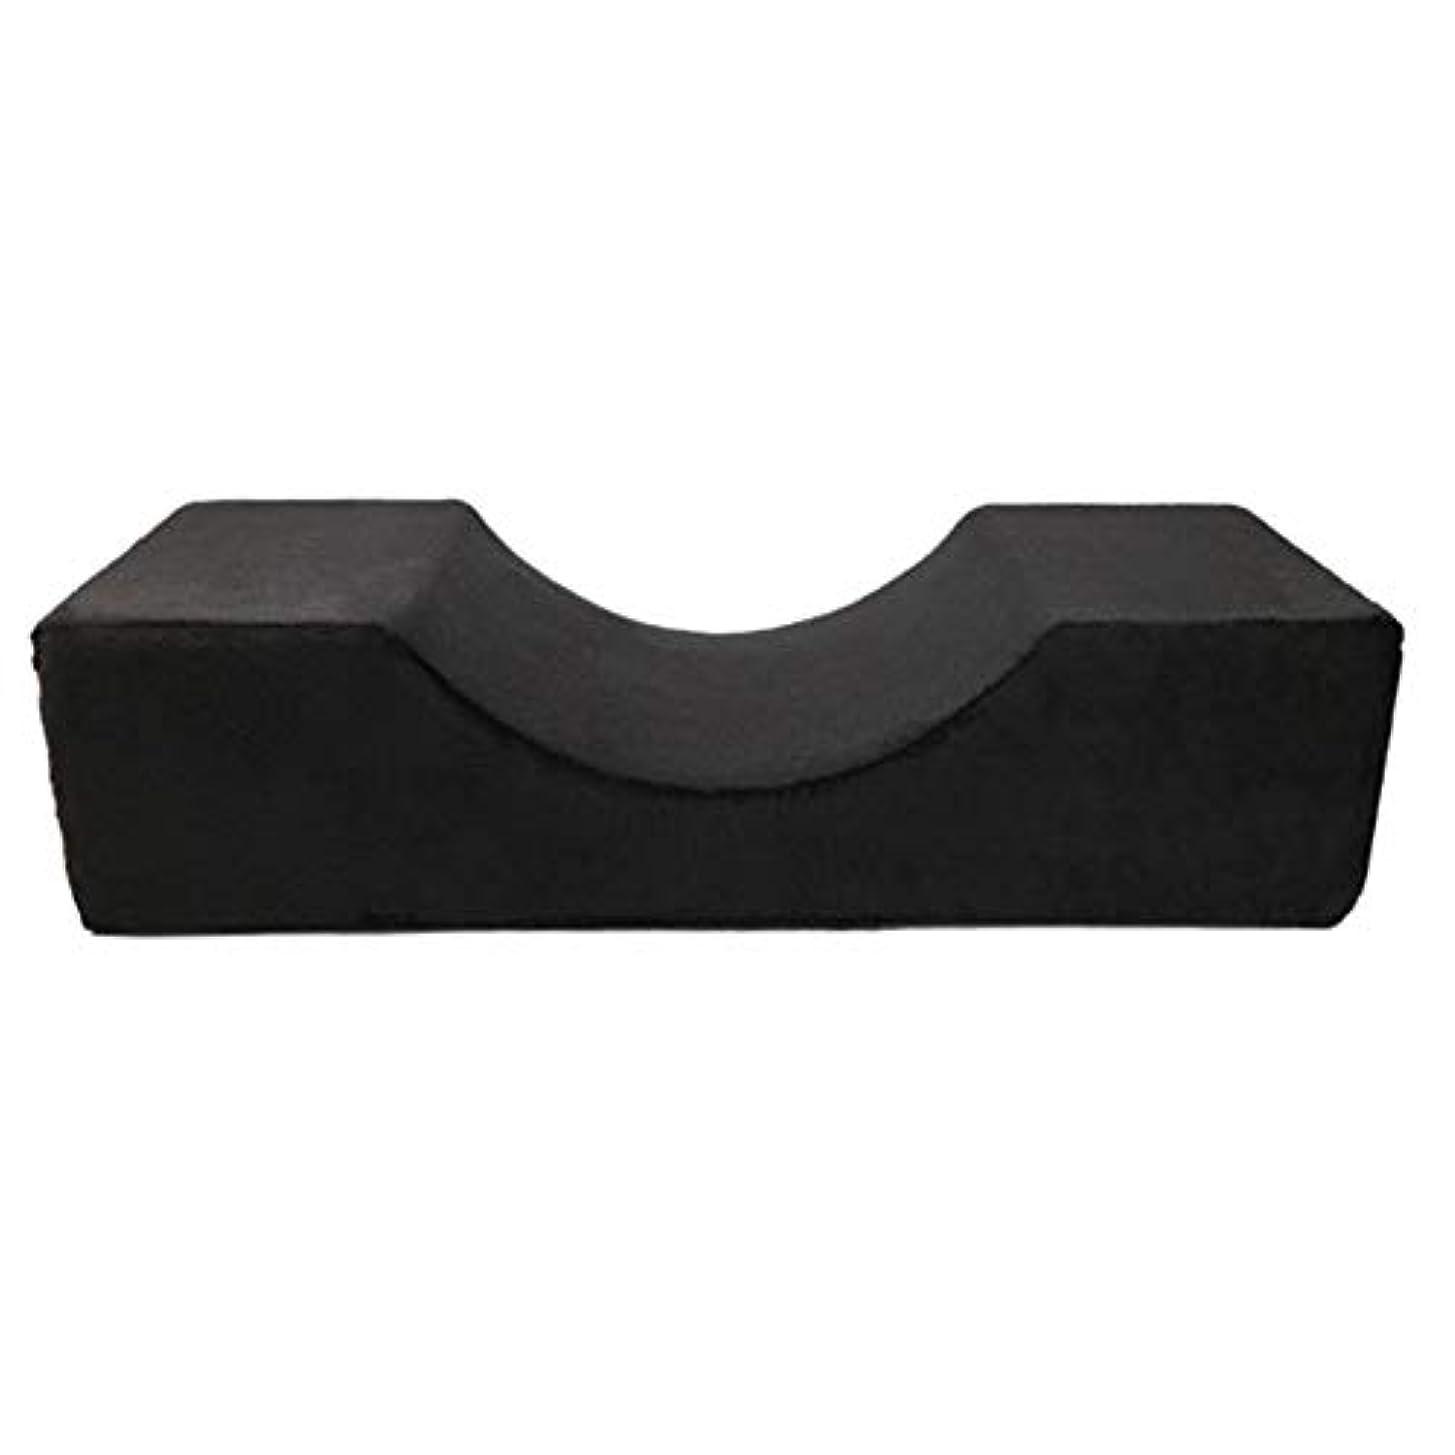 雑多なロマンチックアーティストBlulux まつげ移植美容枕PUレザー防水まつげ枕移植まつげ枕(opp袋)